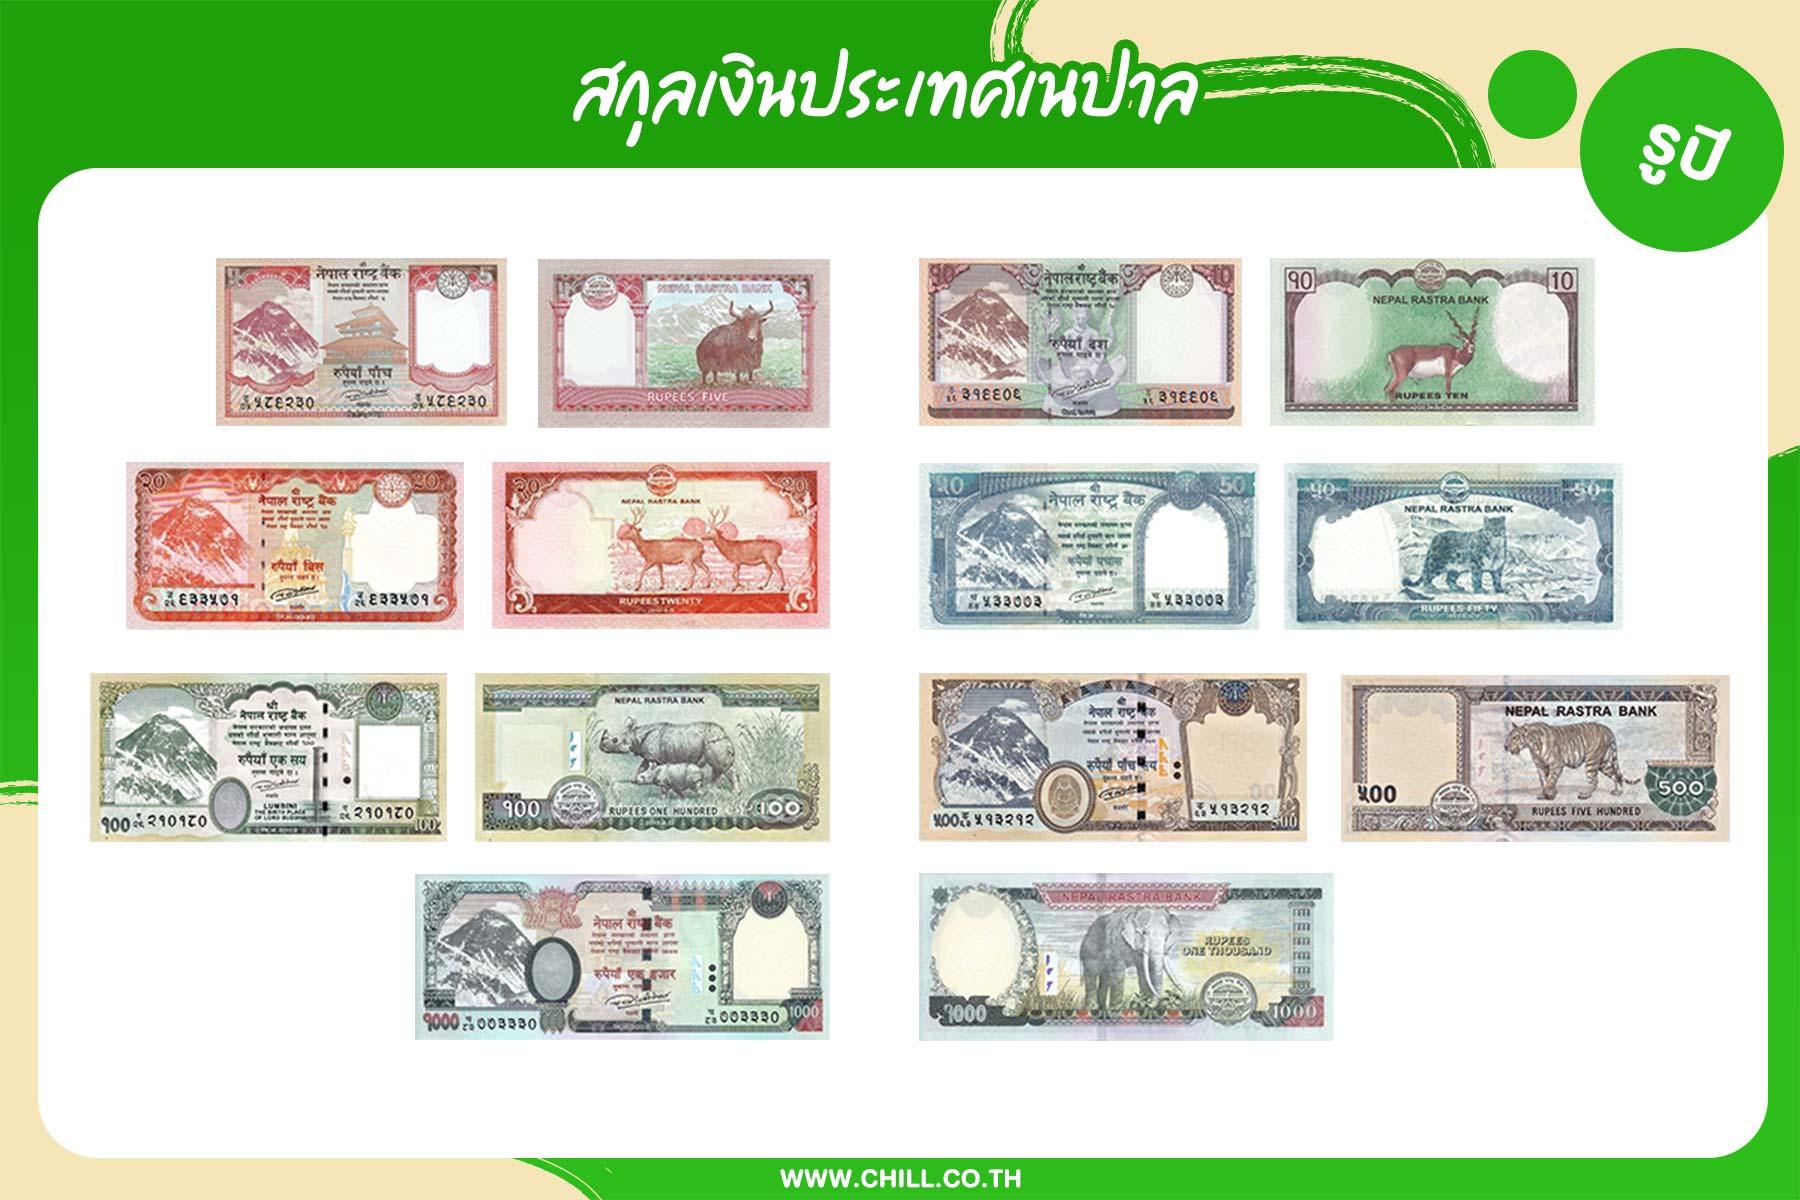 สกุลเงินประเทศเนปาล